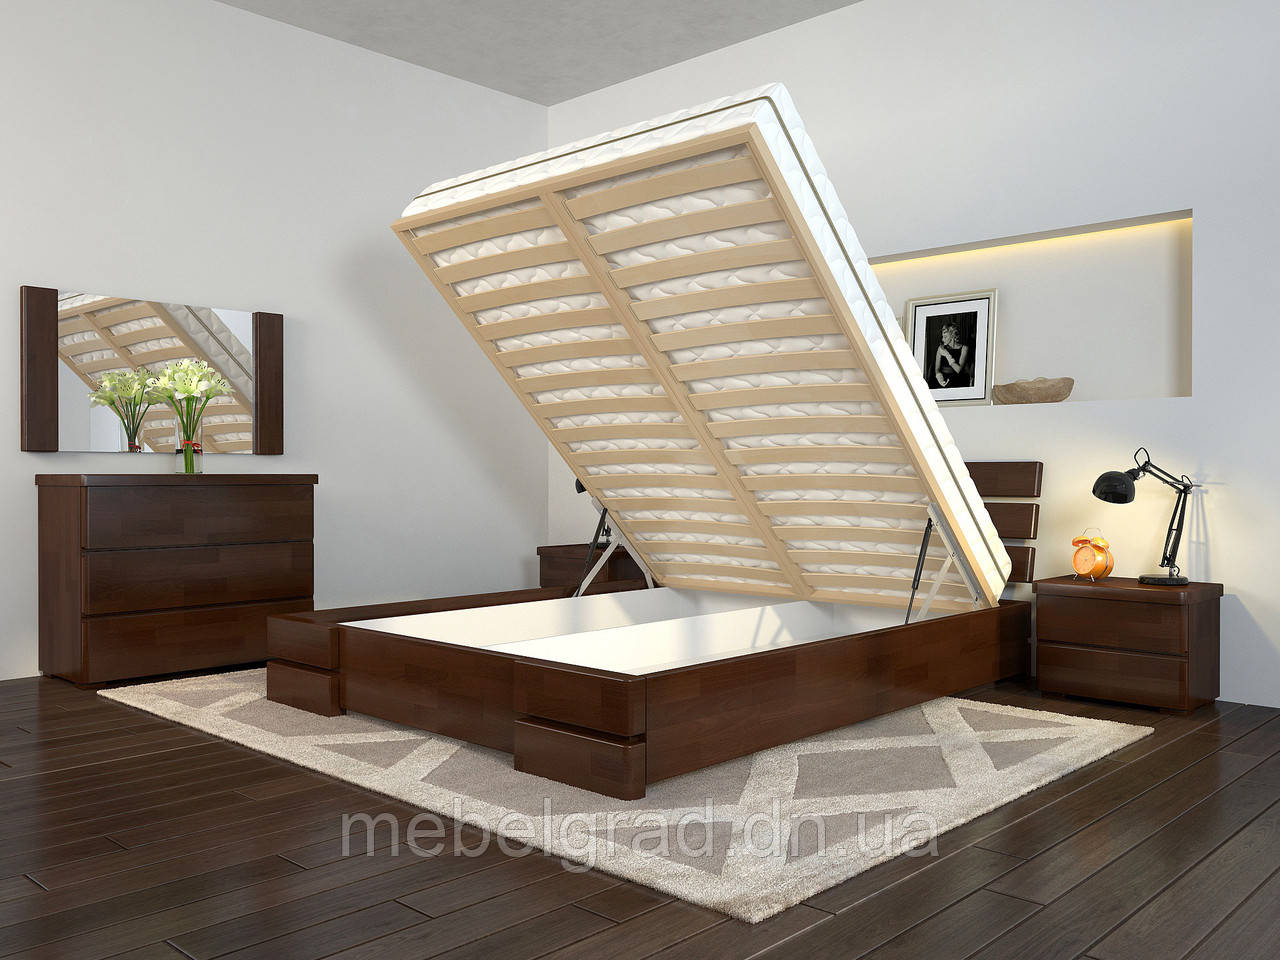 Кровать Arbordrev Дали Люкс с механизмом (180*200) бук